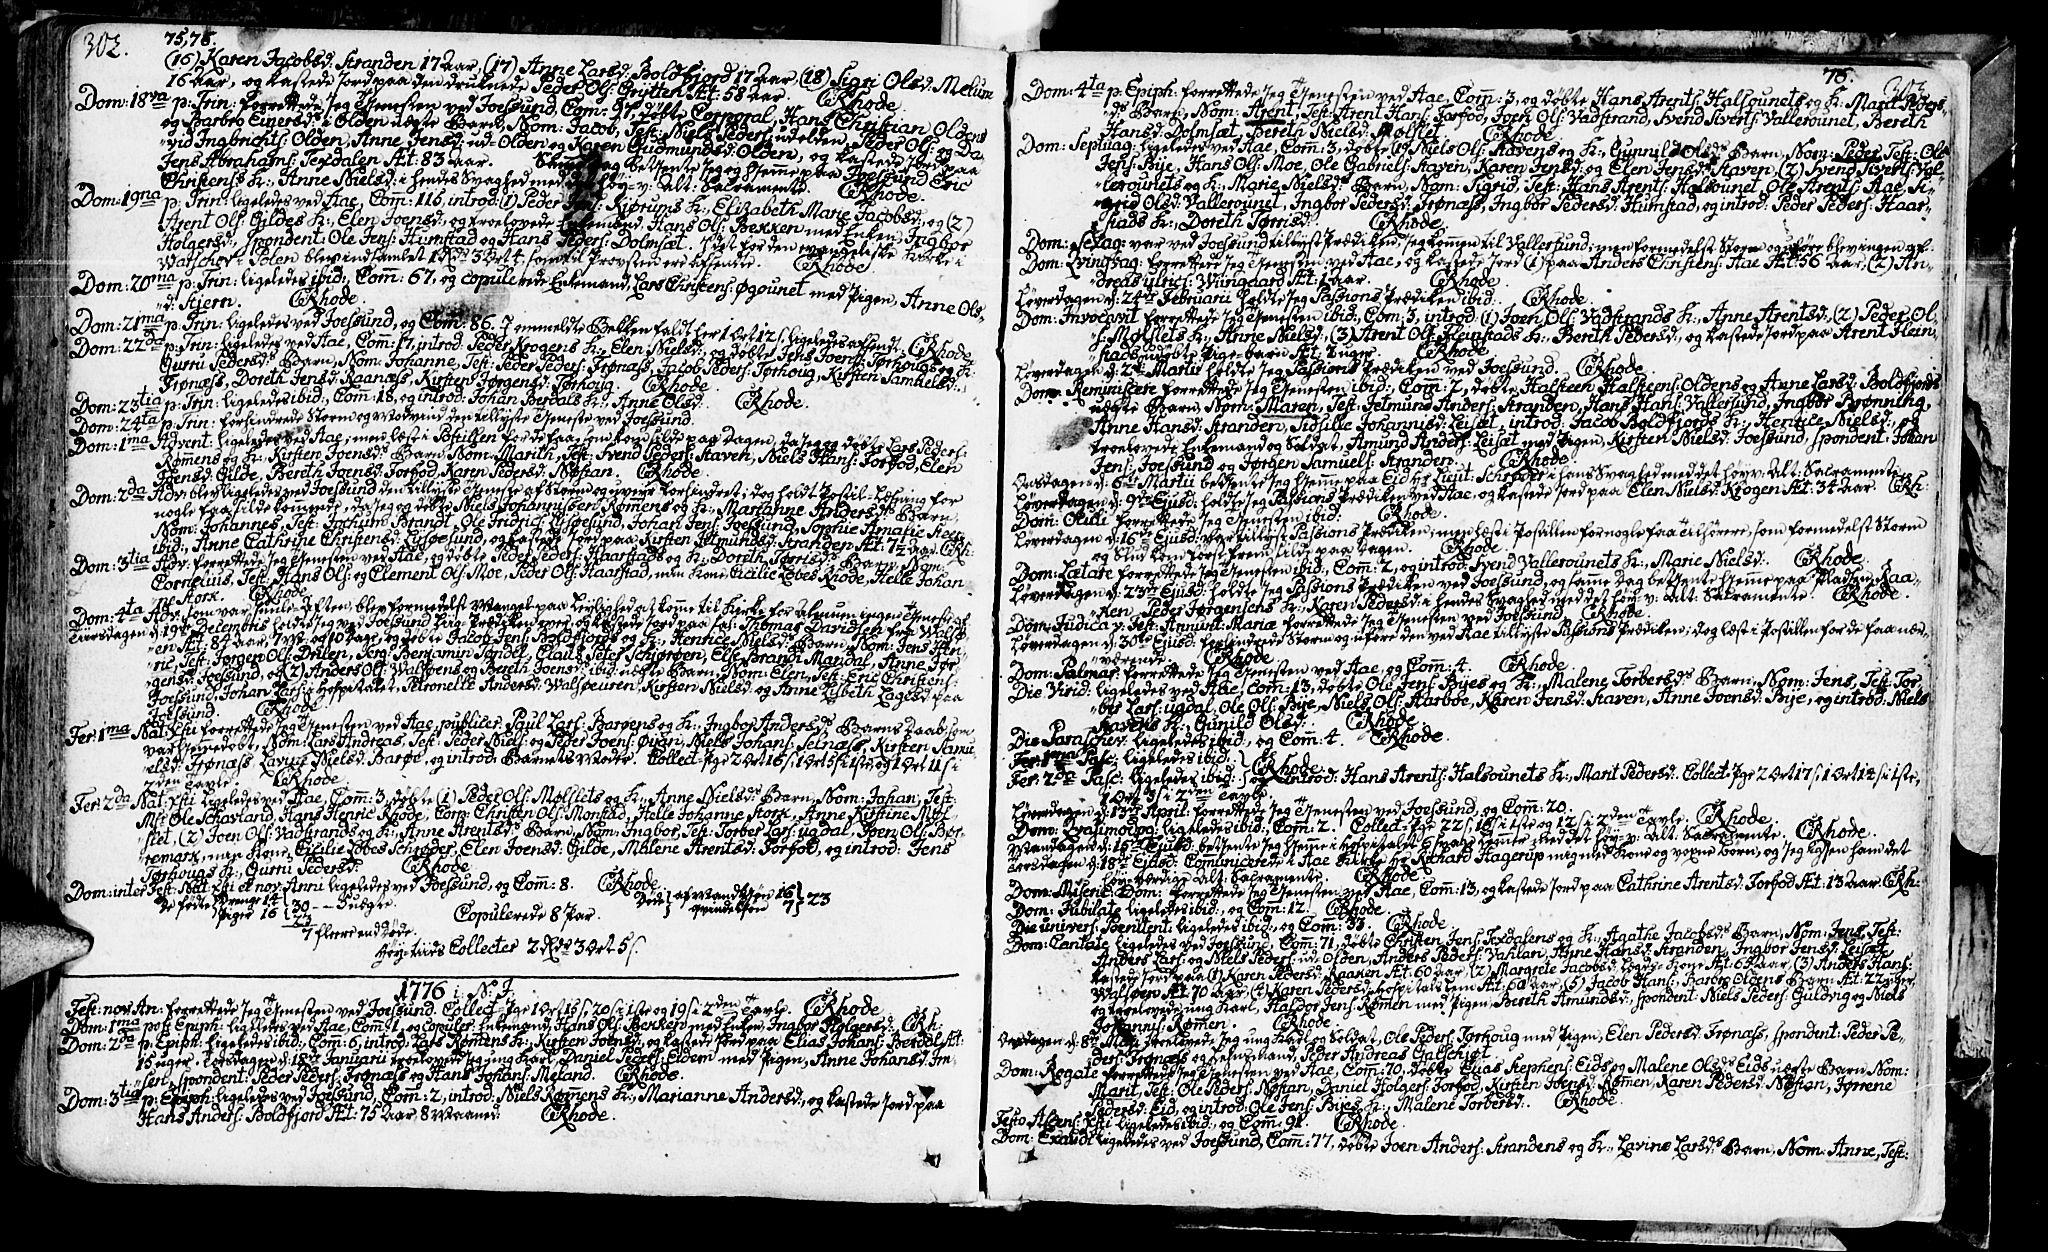 SAT, Ministerialprotokoller, klokkerbøker og fødselsregistre - Sør-Trøndelag, 655/L0672: Ministerialbok nr. 655A01, 1750-1779, s. 302-303